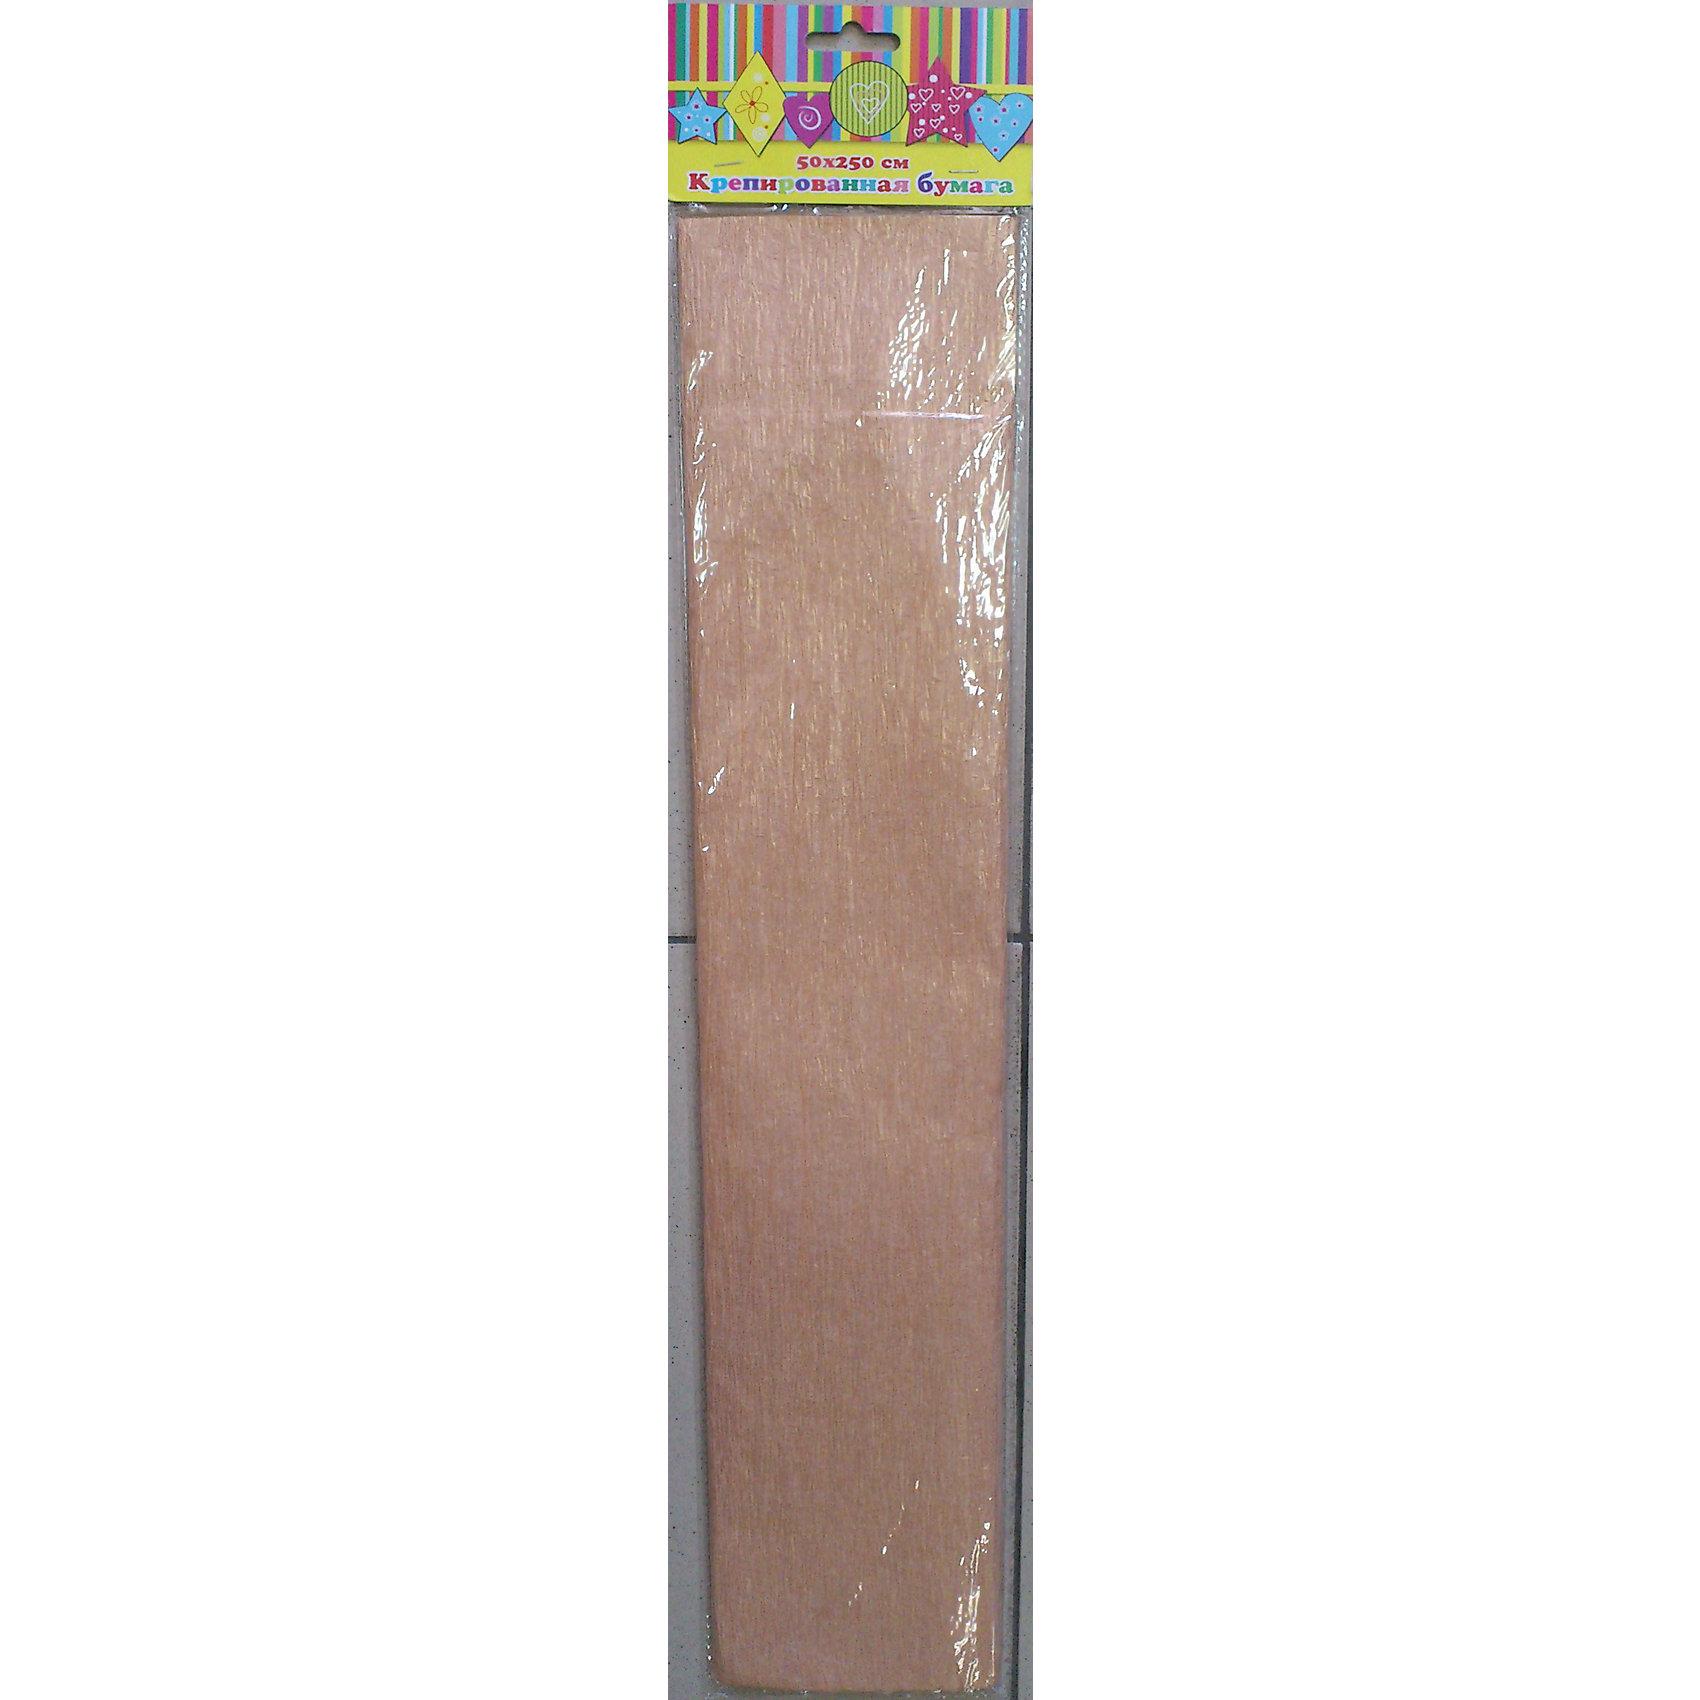 Бумага оранжевая перламутровая крепированнаяИзумительная крепированная бумага оранжевого с перламутровым цвета, из нее Ваш малыш сможет сделать множество ярких цветов или другие поделки.<br><br>Дополнительная информация:<br><br>- Возраст: от 3 лет.<br>- 1 лист.<br>- Цвет: оранжевый с перламутром.<br>- Материал: бумага.<br>- Размеры: 50х250 см.<br>- Размер упаковки: 51х11х0,2 см.<br>- Вес в упаковке: 35 г. <br><br>Купить крепированную бумагу в оранжевом с перламутровым цвете, можно в нашем магазине.<br><br>Ширина мм: 520<br>Глубина мм: 110<br>Высота мм: 6<br>Вес г: 32<br>Возраст от месяцев: 36<br>Возраст до месяцев: 2147483647<br>Пол: Унисекс<br>Возраст: Детский<br>SKU: 4943536